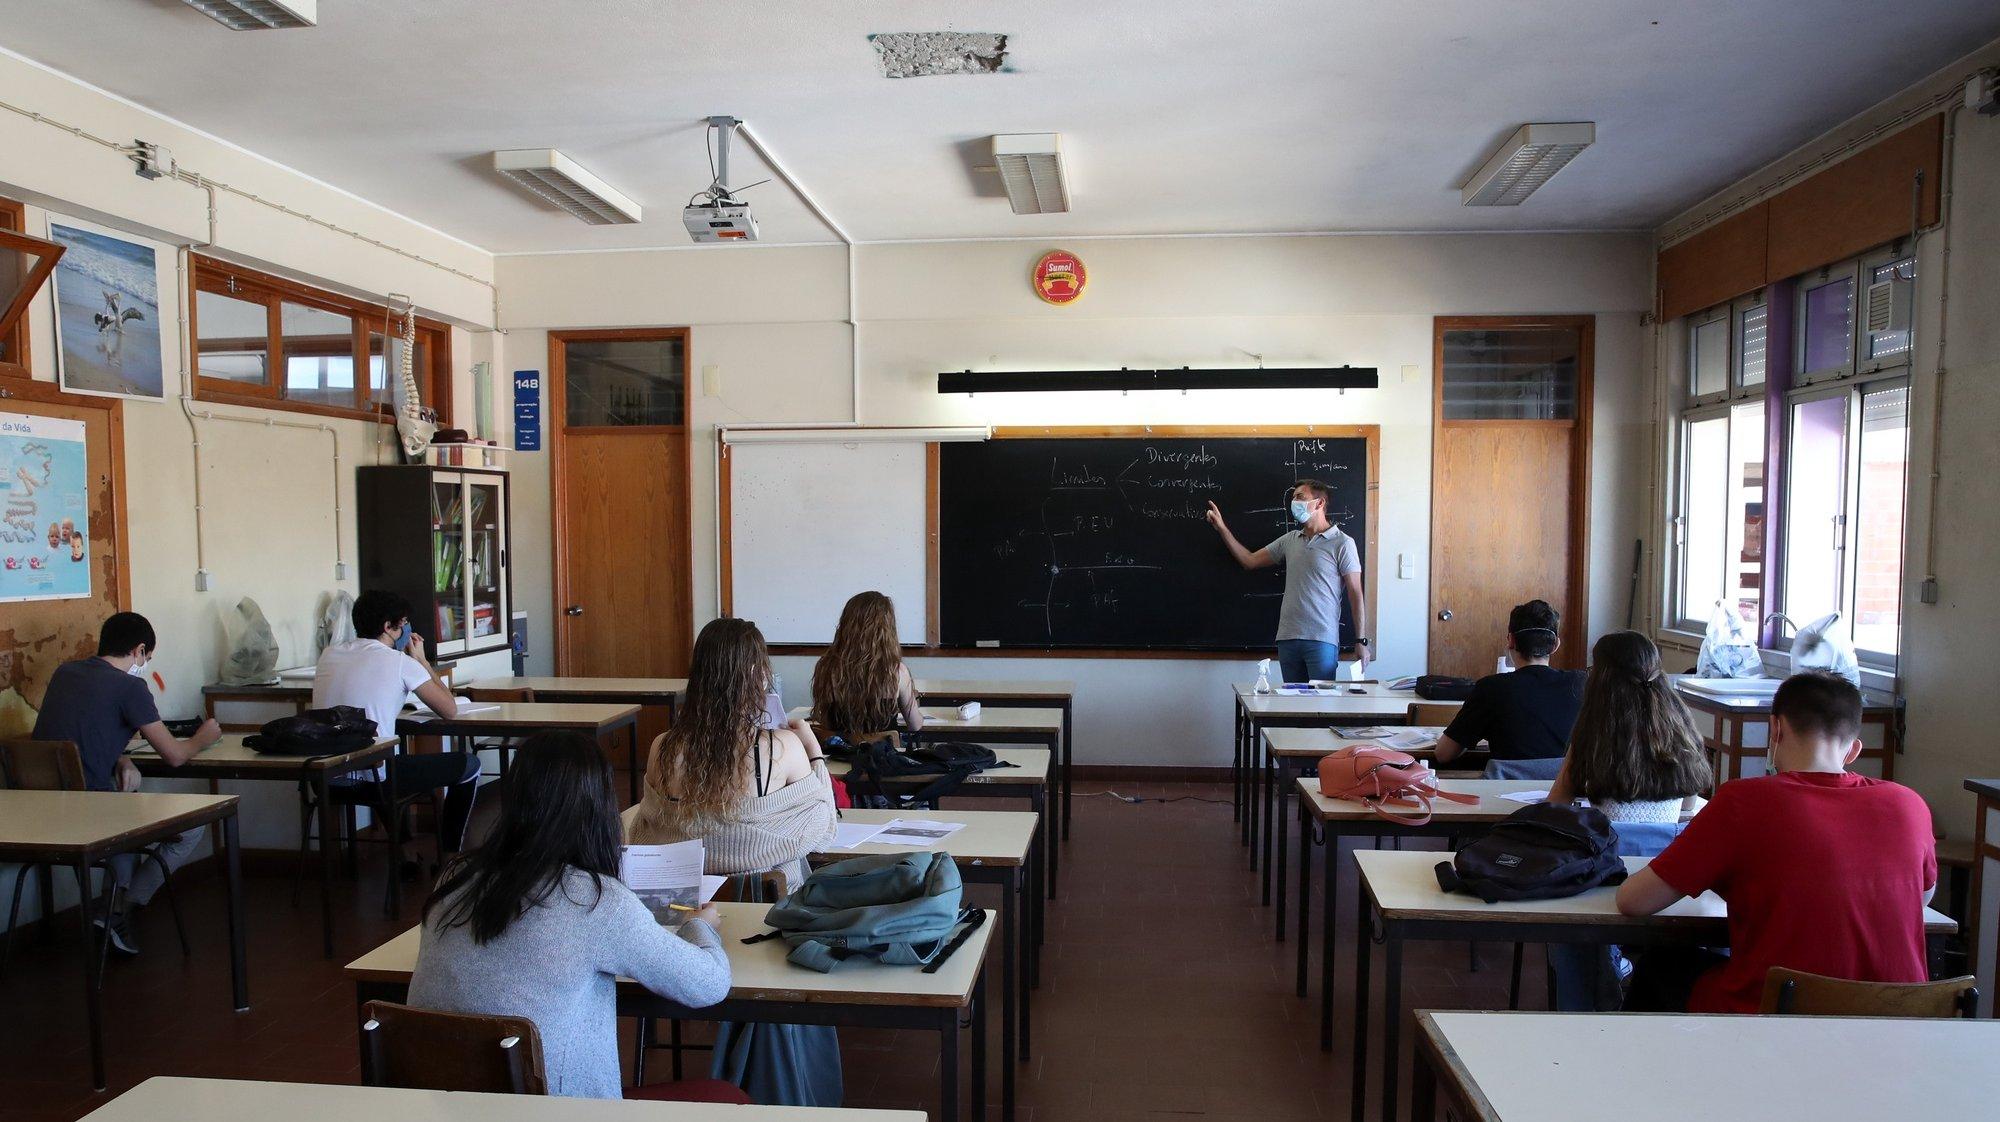 Um professor dá uma aula na escola secundária João de Barros, no Seixal,  no ínicio em todo o país das aulas presenciais, 18 de maio de 2020. MANUEL DE ALMEIDA/LUSA